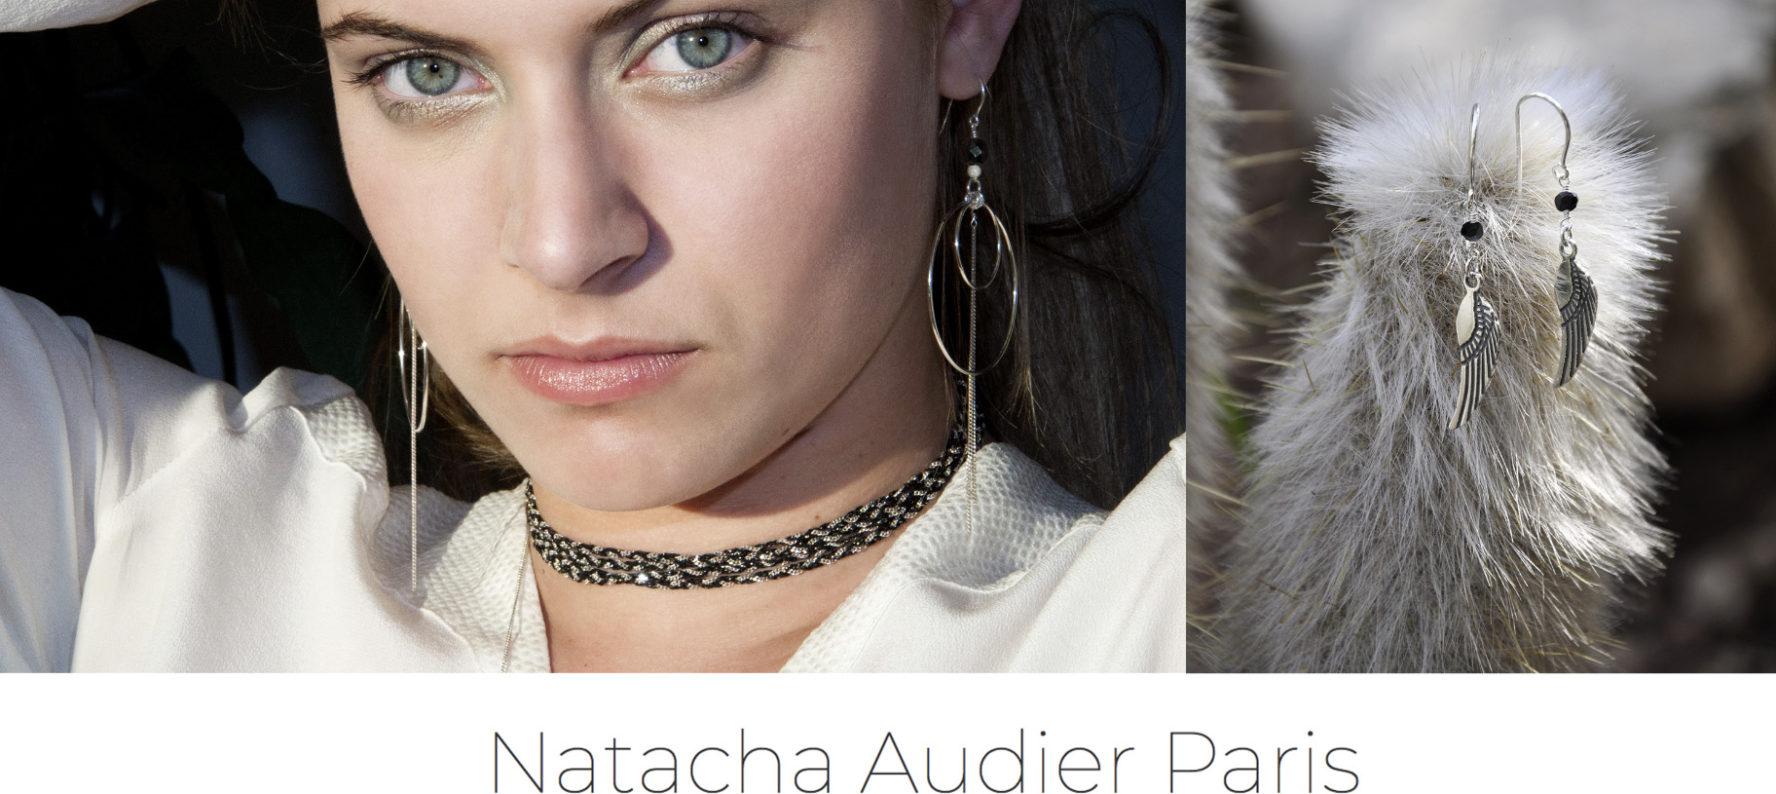 Paru dans Gala Natacha Audier Paris